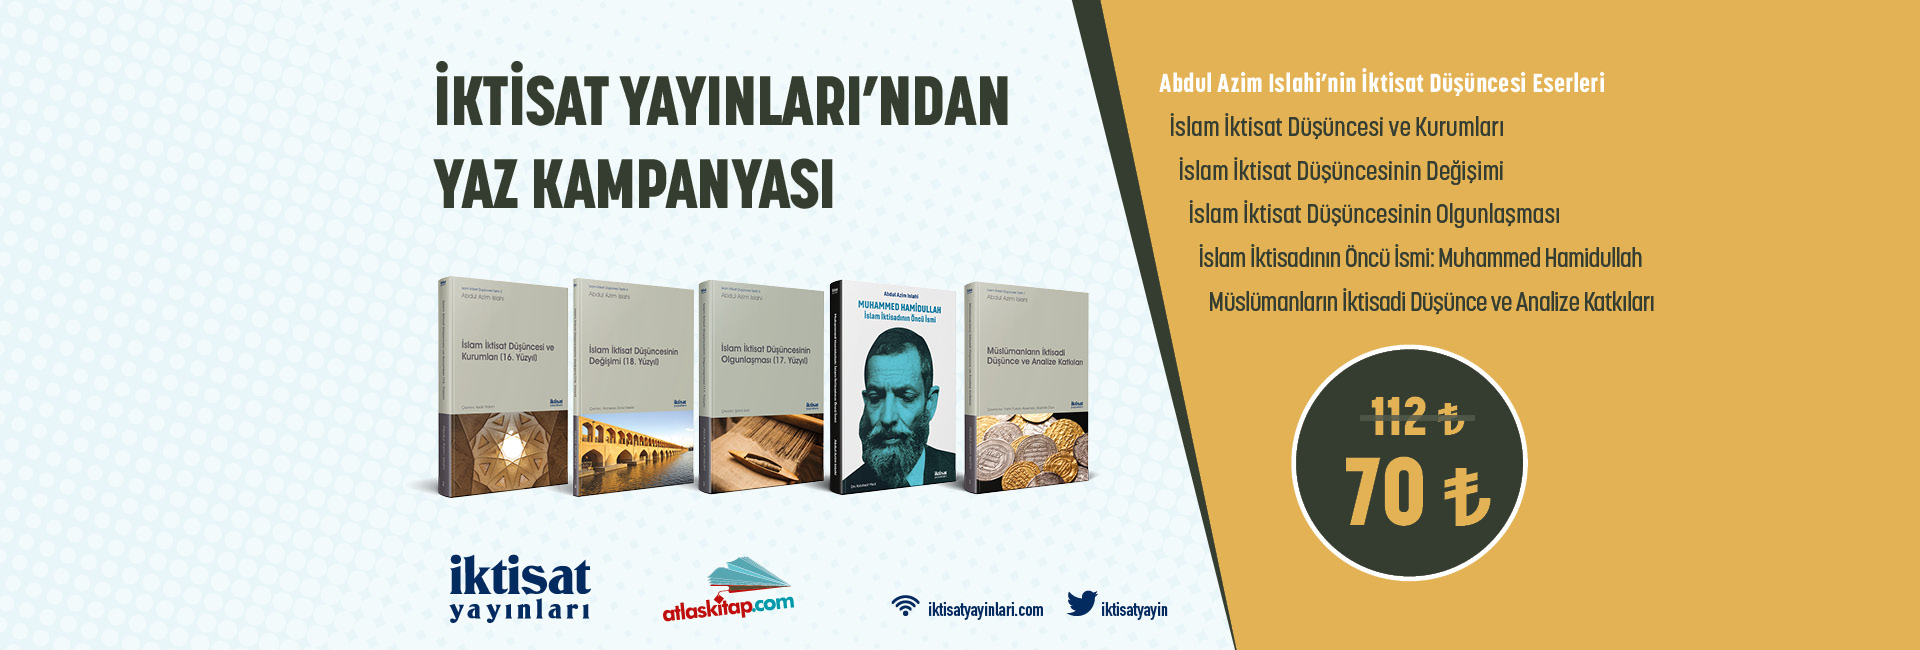 http://www.iktisatyayinlari.com/content/1-home/iiayazkampanyasi_web2.jpg